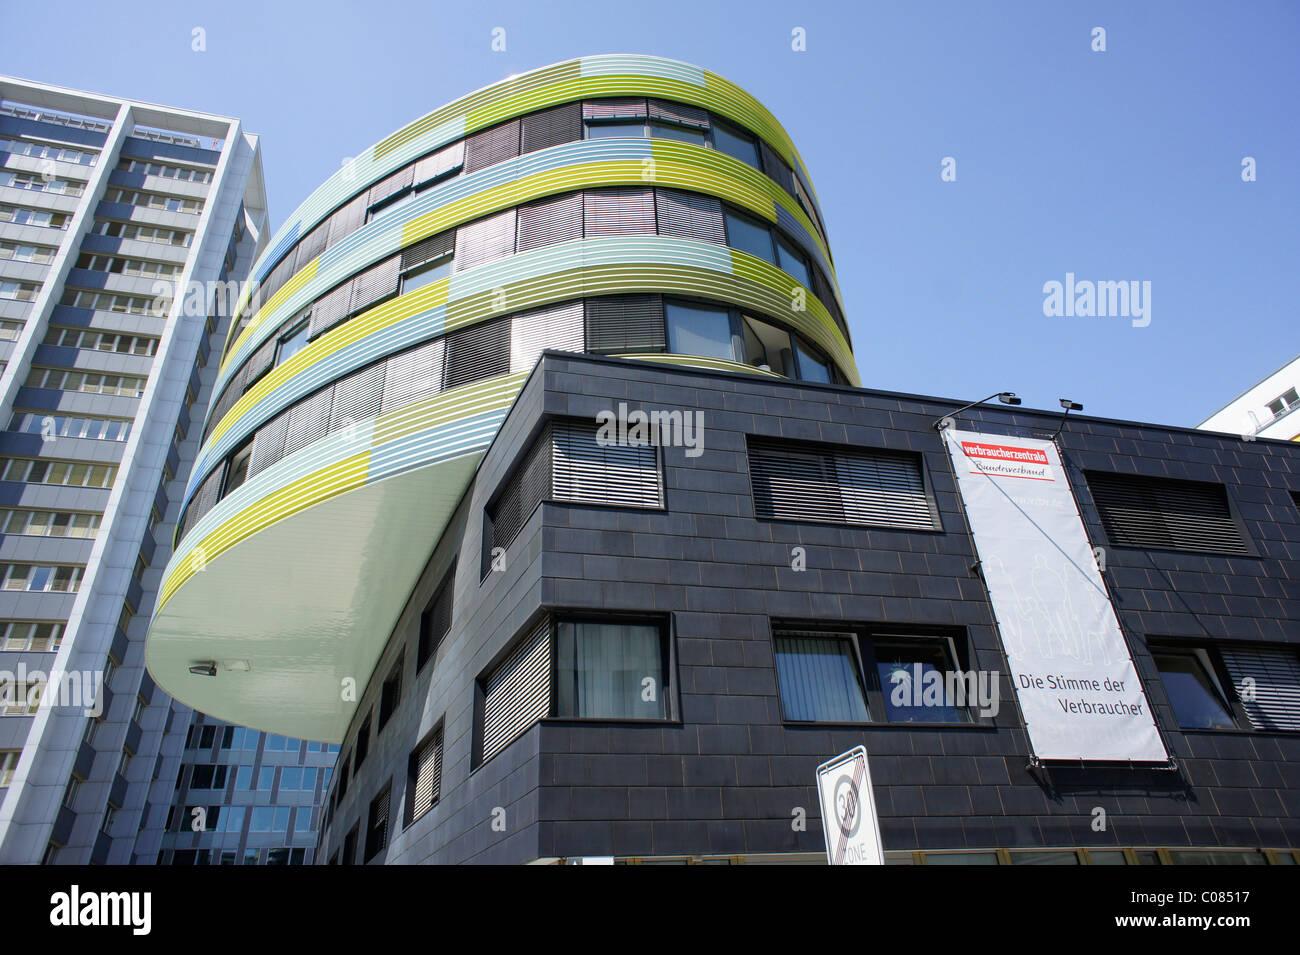 Office de Tourisme de la Fédération des centres de conseils aux consommateurs, Berlin, Germany, Europe Photo Stock